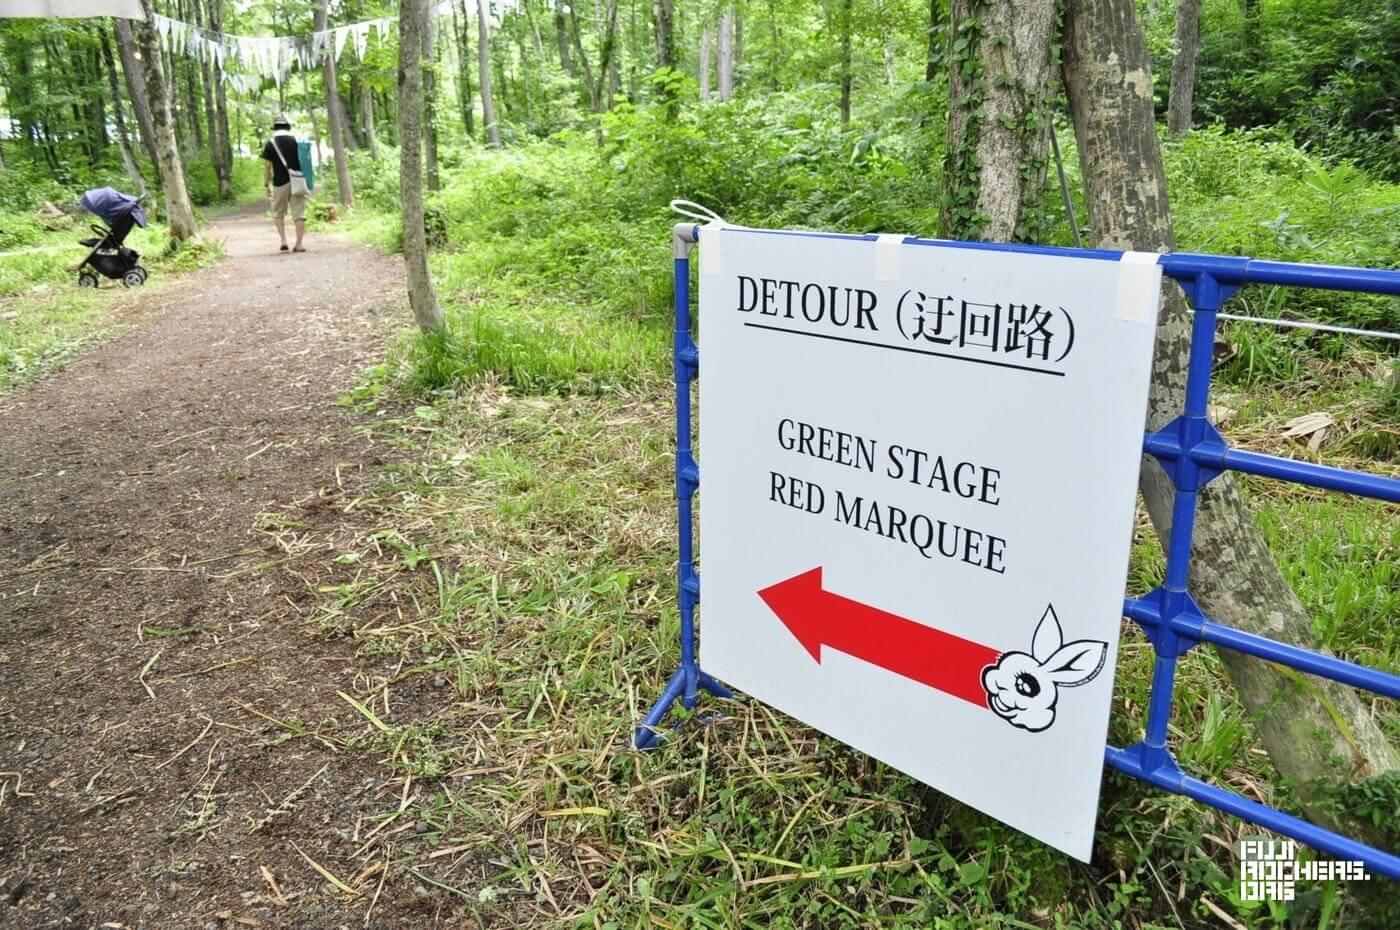 奥地からグリーン・レッド方面への迂回路